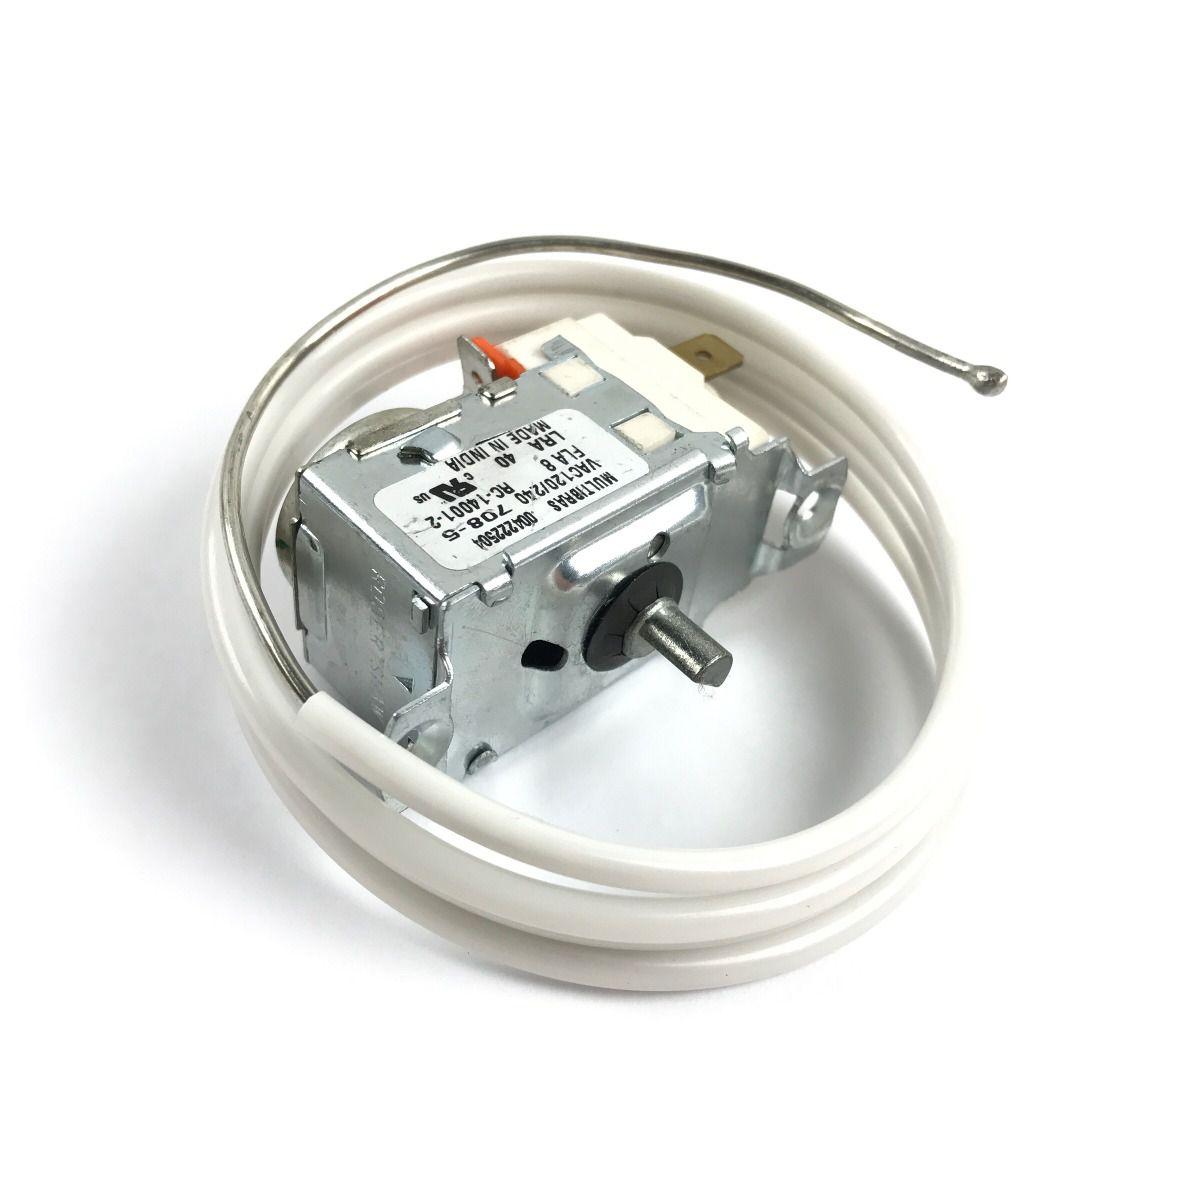 Termostato Consul RC-14001-2P - Crc23/ 24 AB